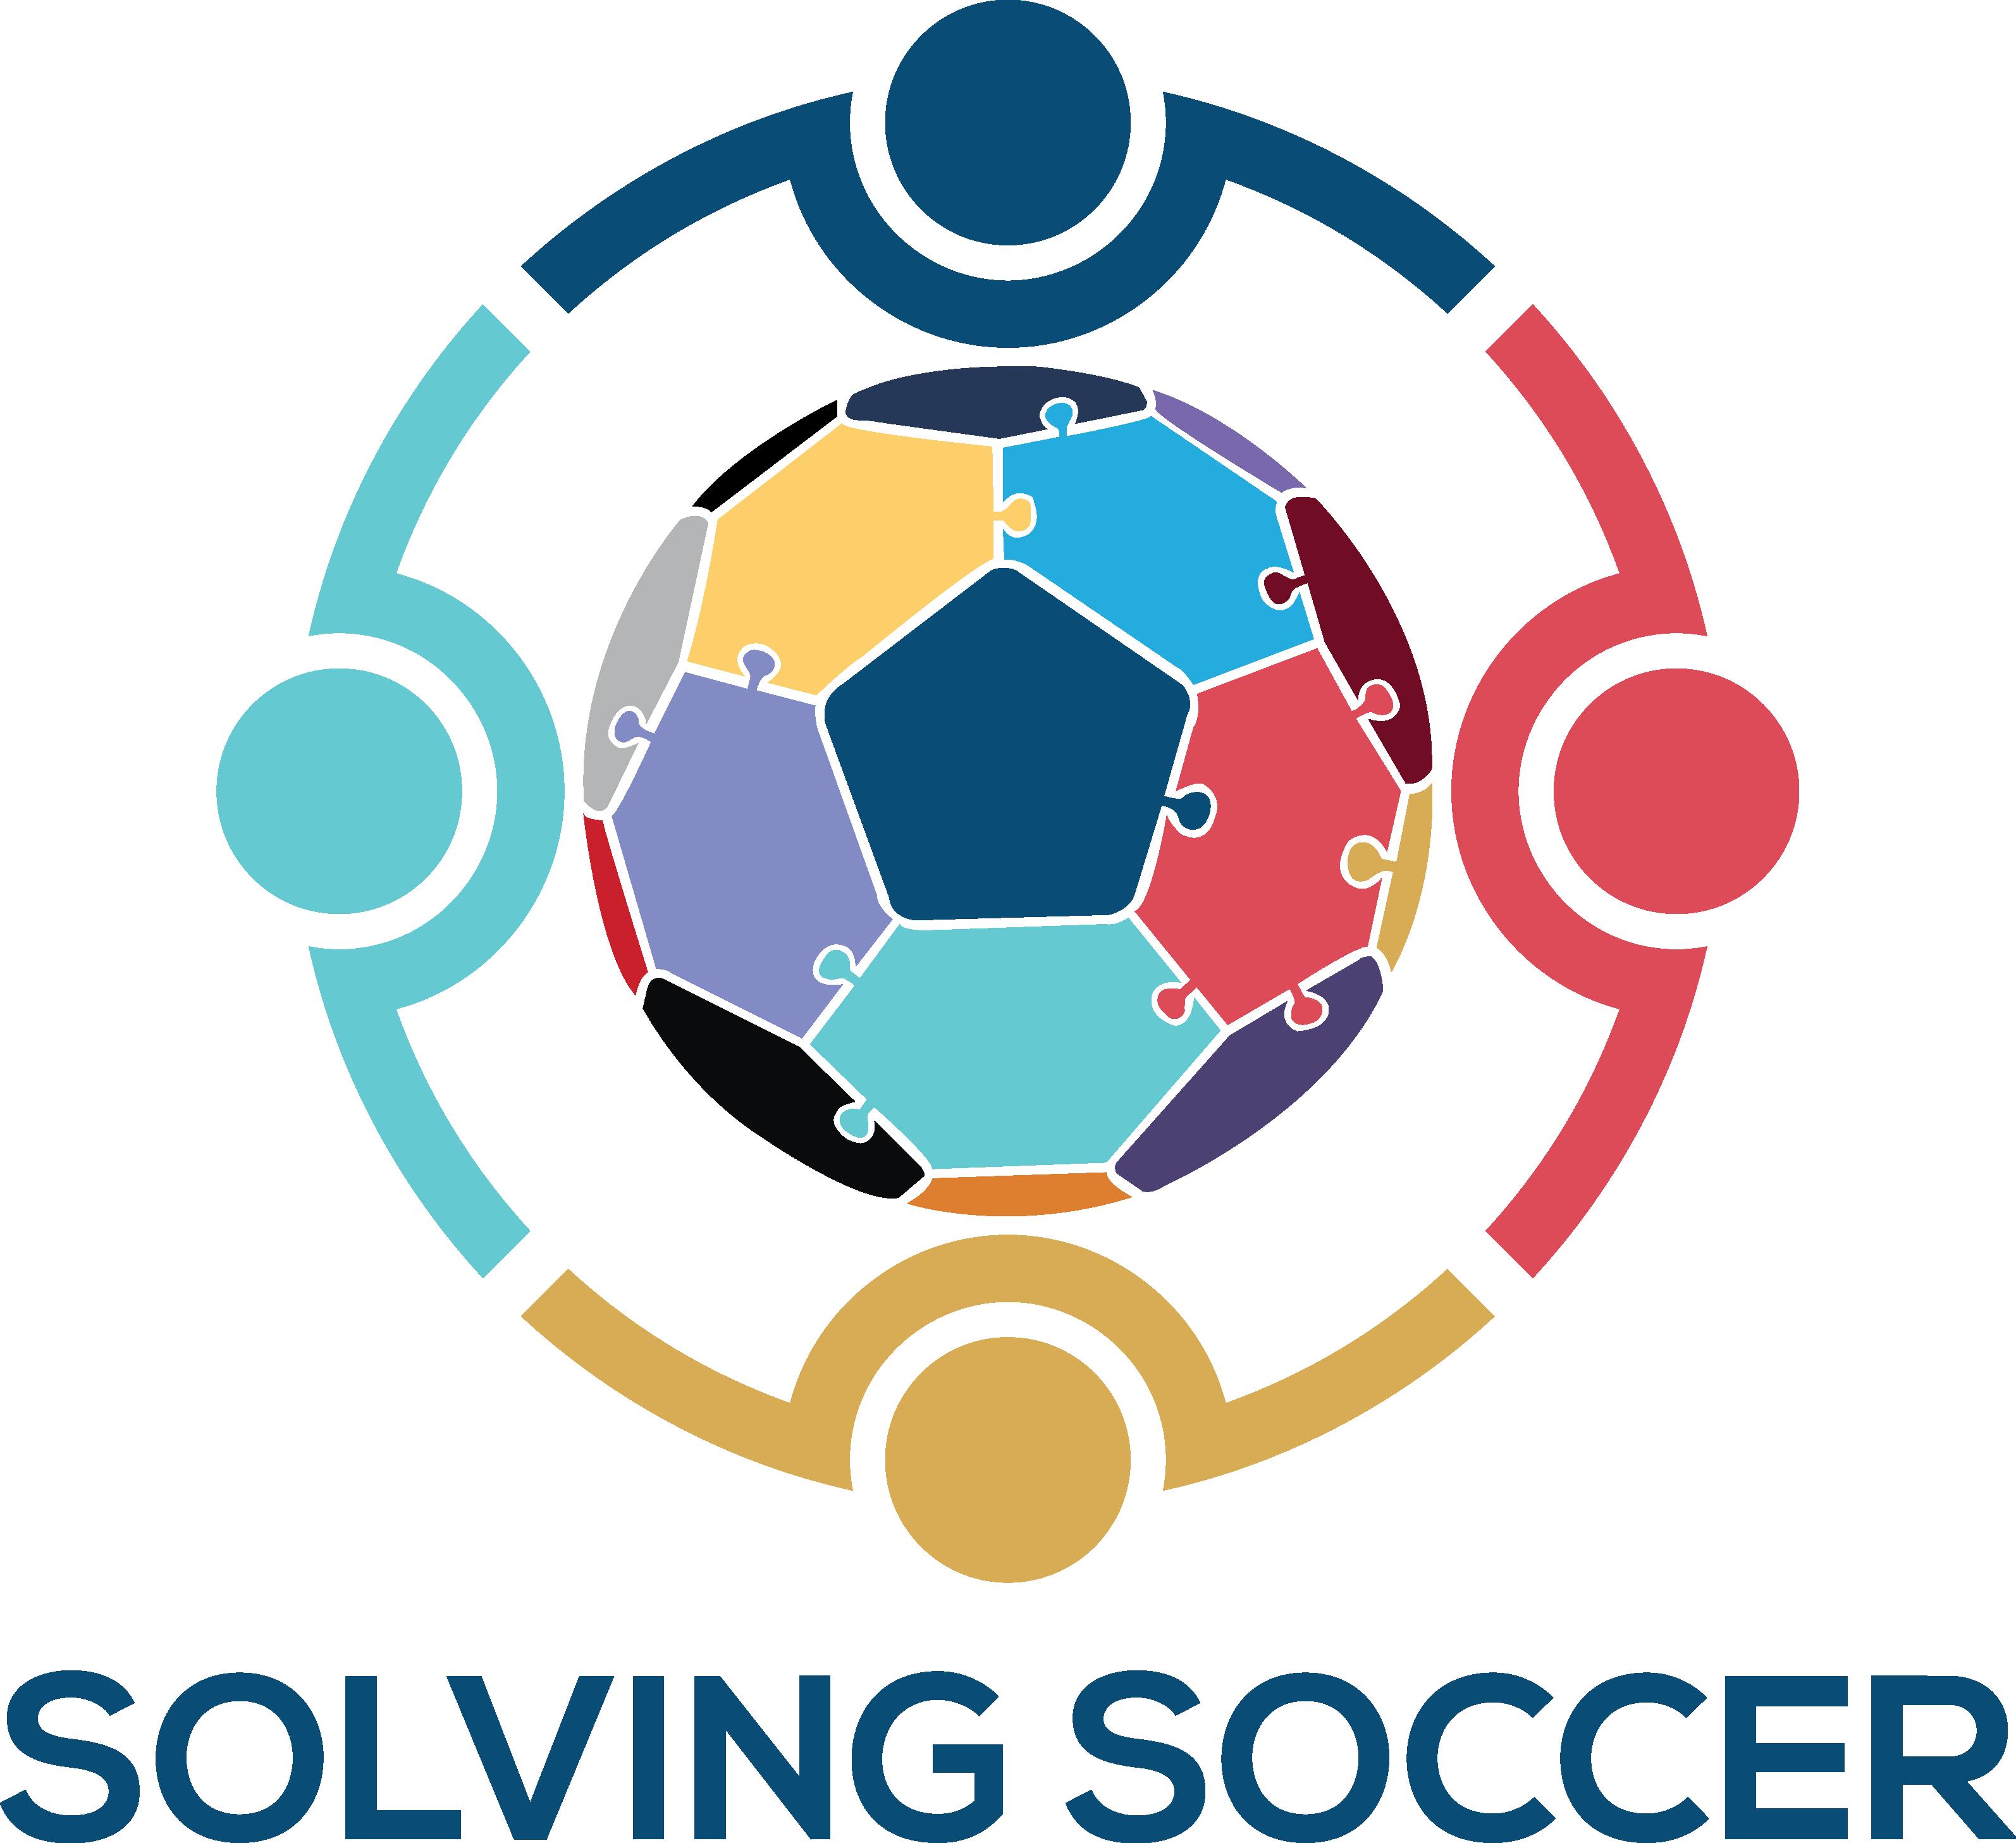 Solving Soccer logo